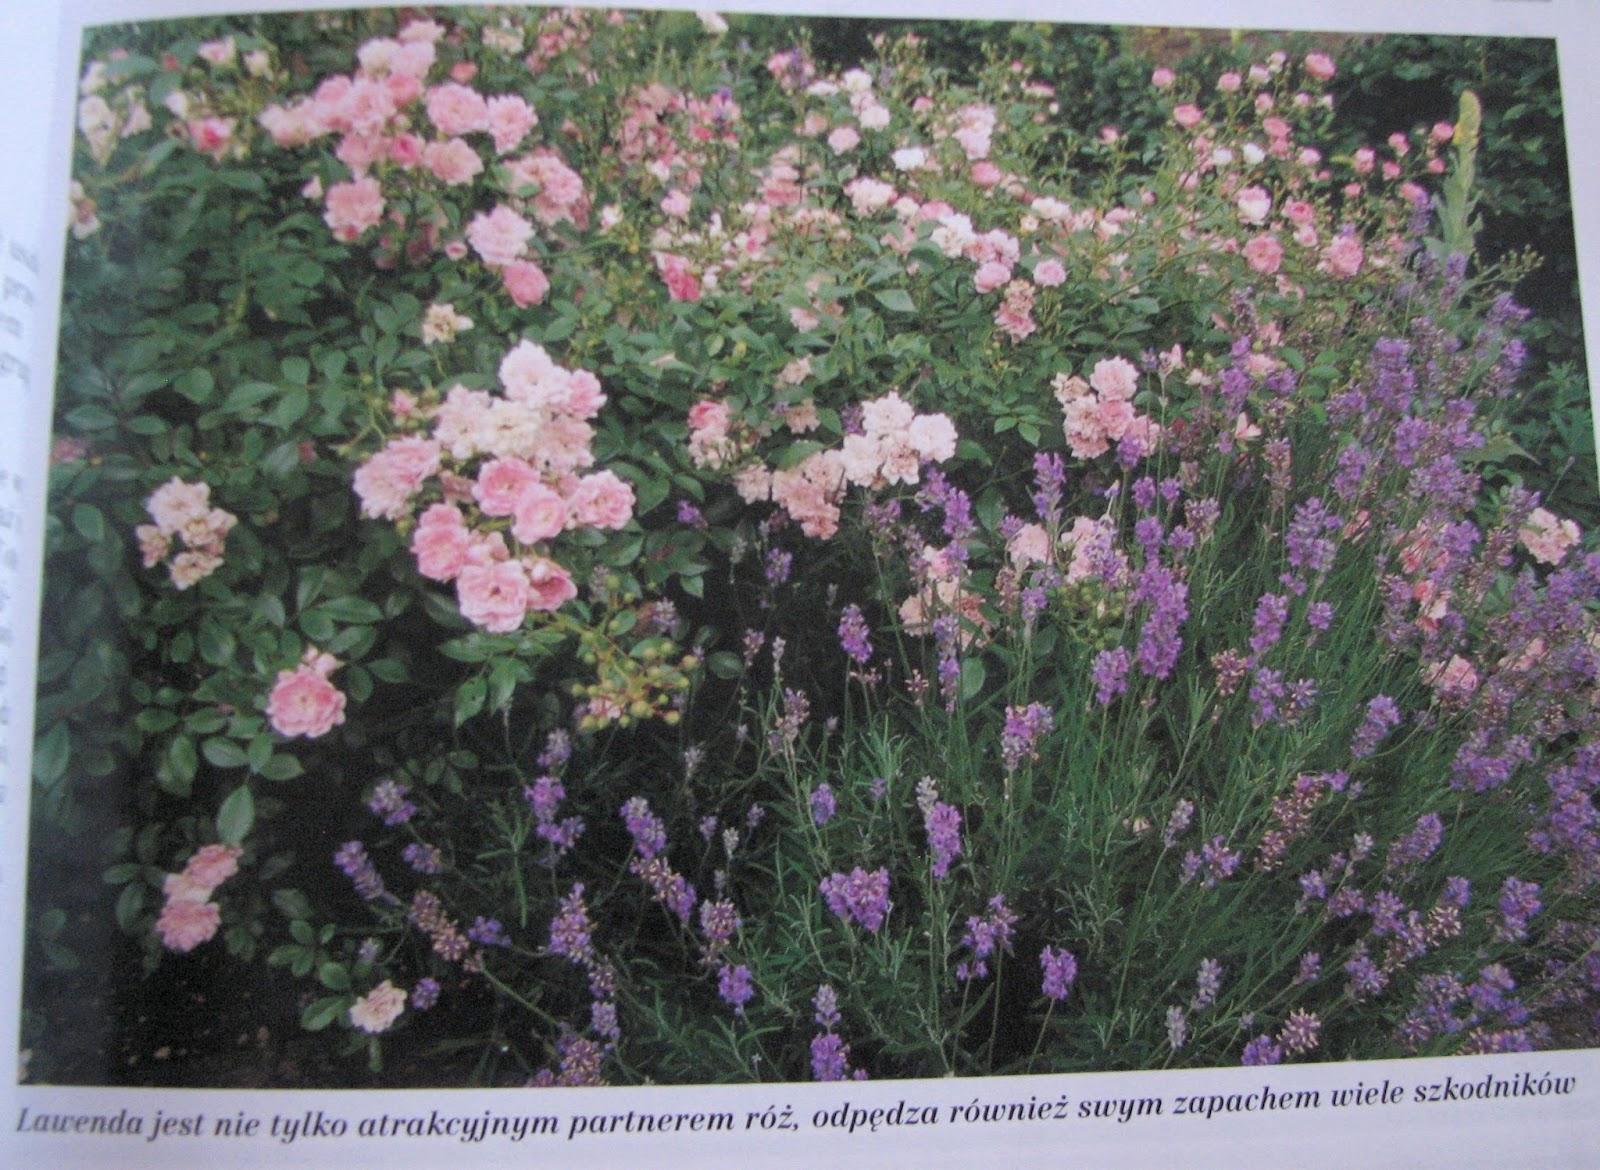 ogród wiejski, ogród w stylu wiejskim, ogród przydomowy